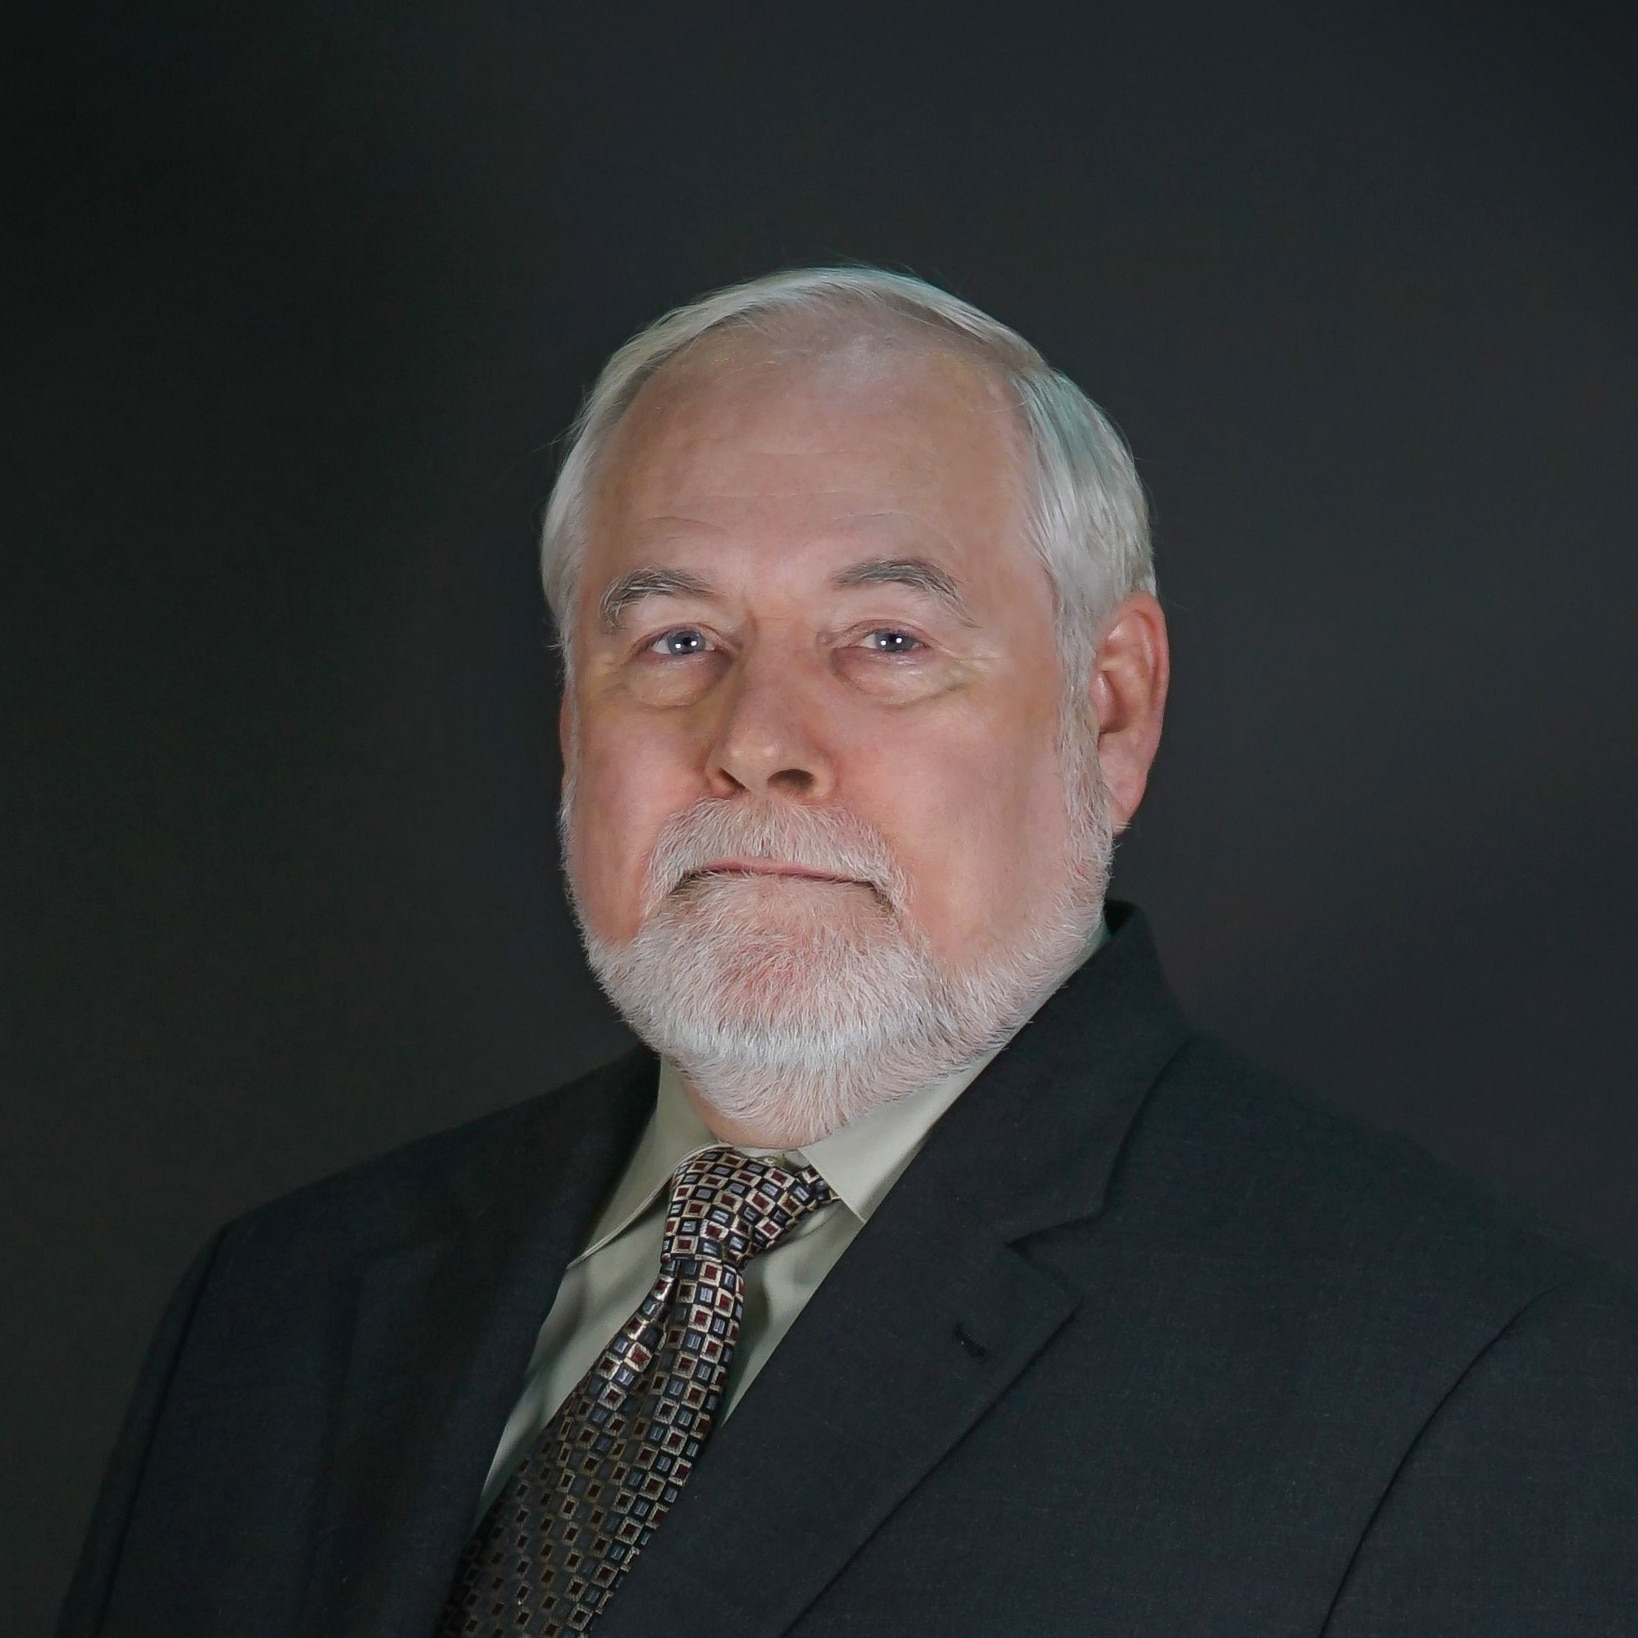 David R. Wooten